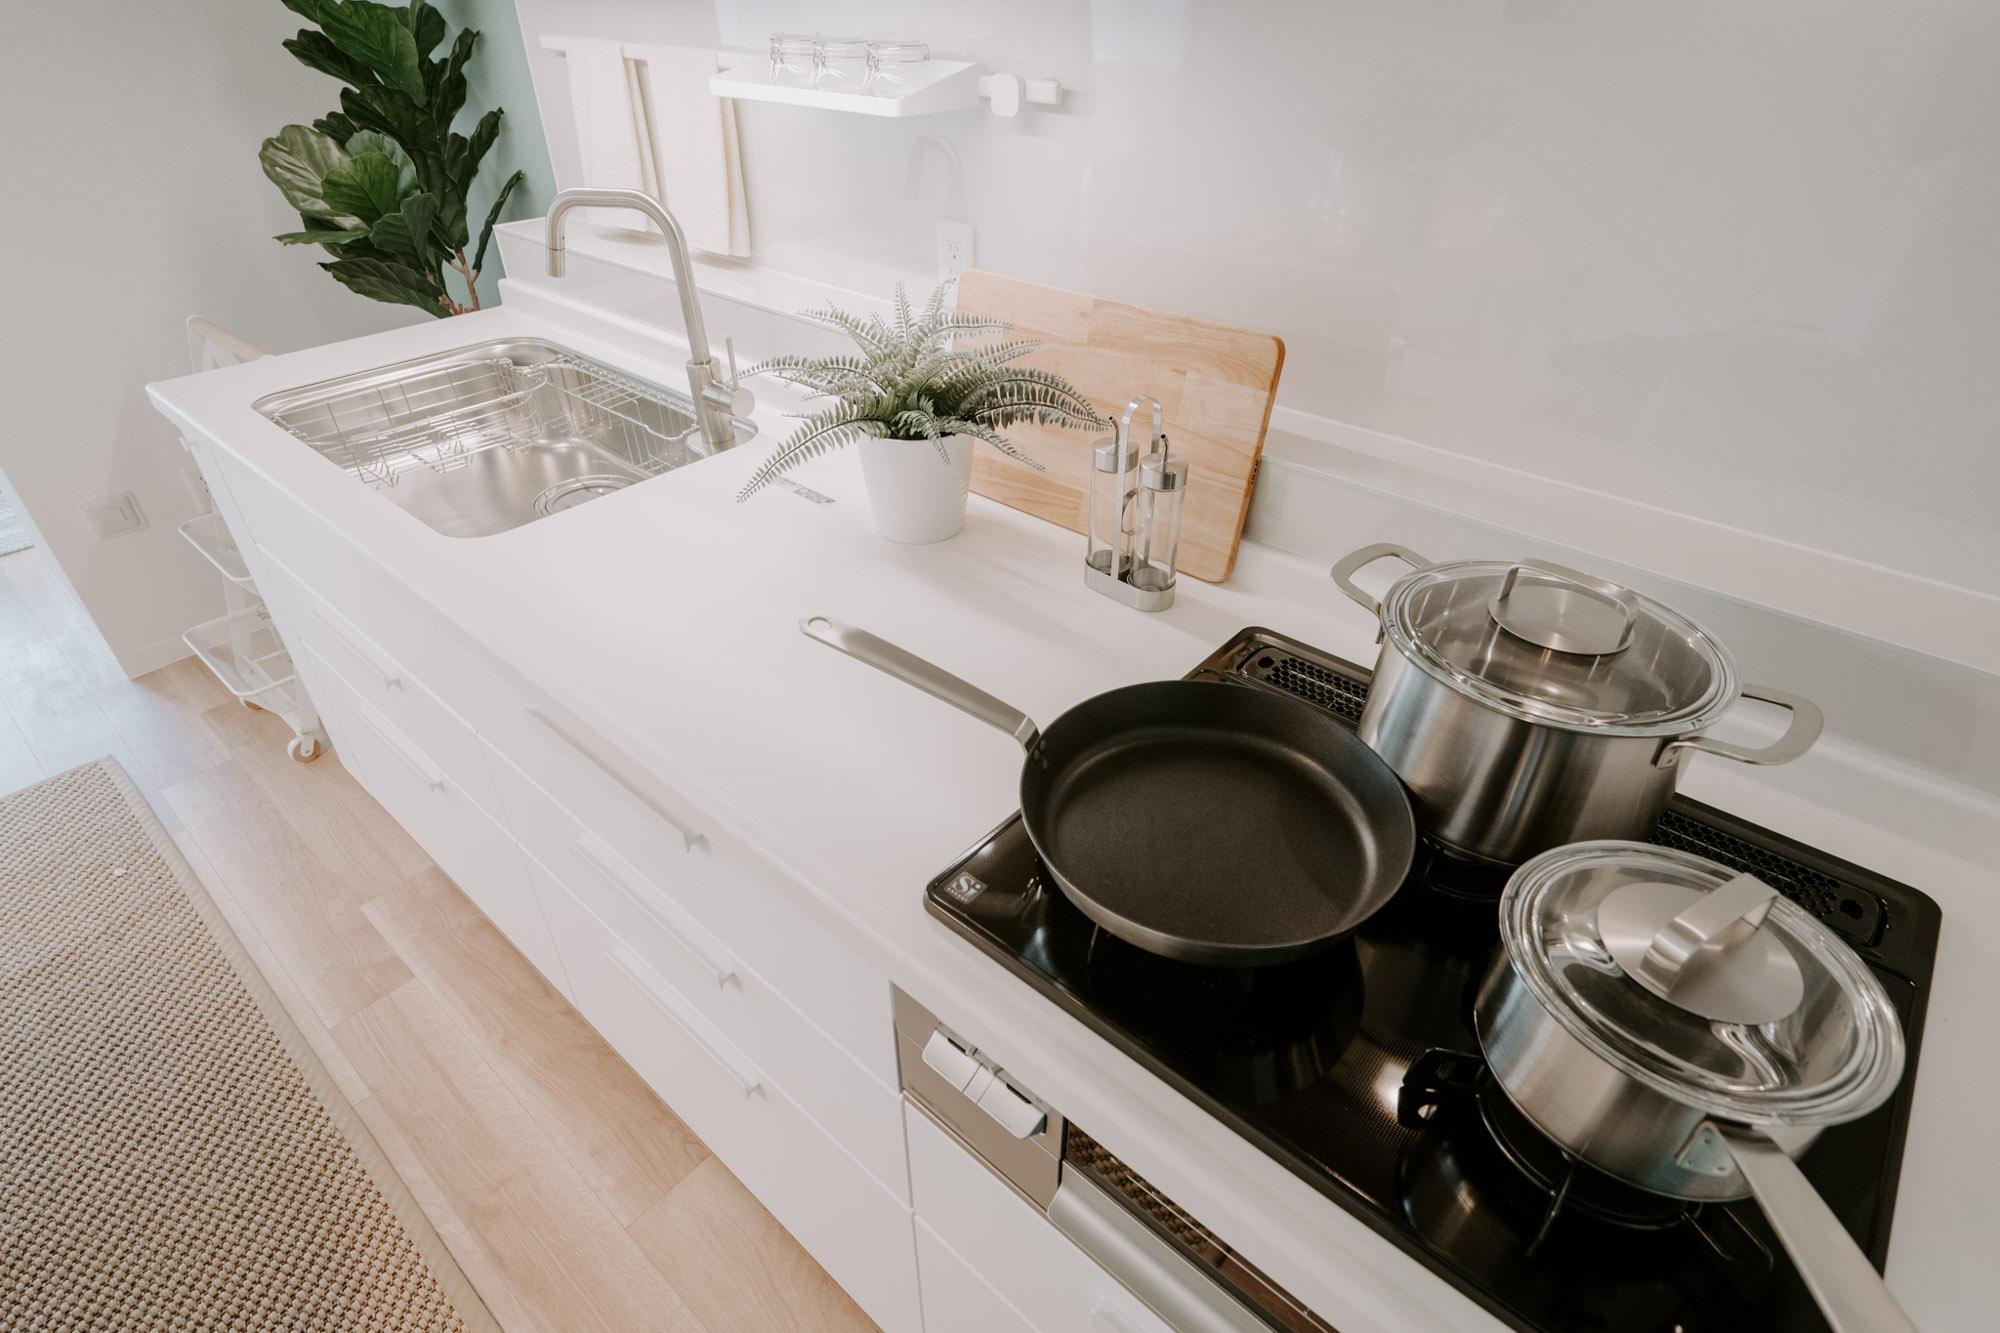 シンクや調理スペースも十分な広さがあり、料理がはかどりそう。